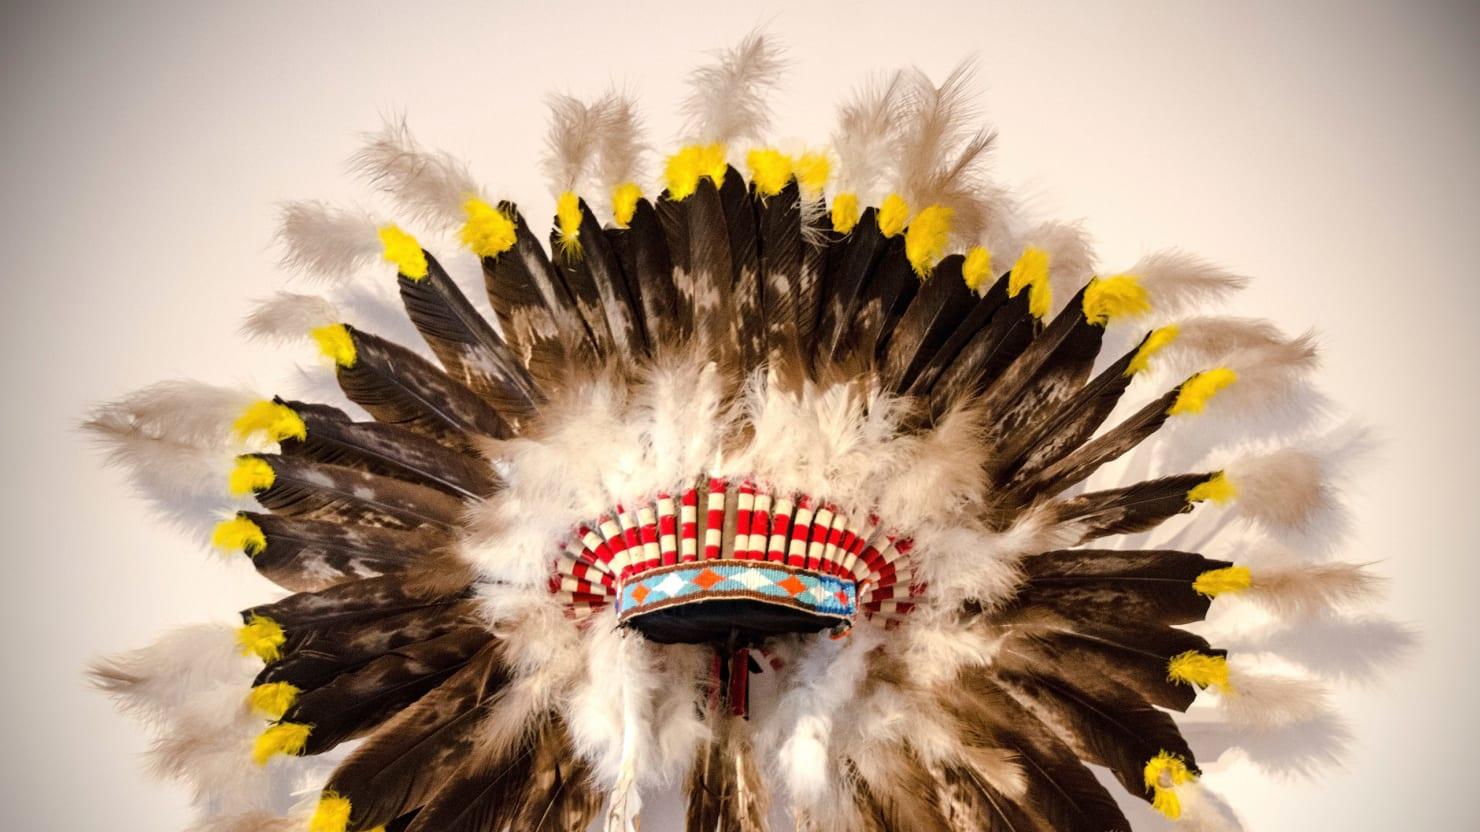 Half White Half Native American